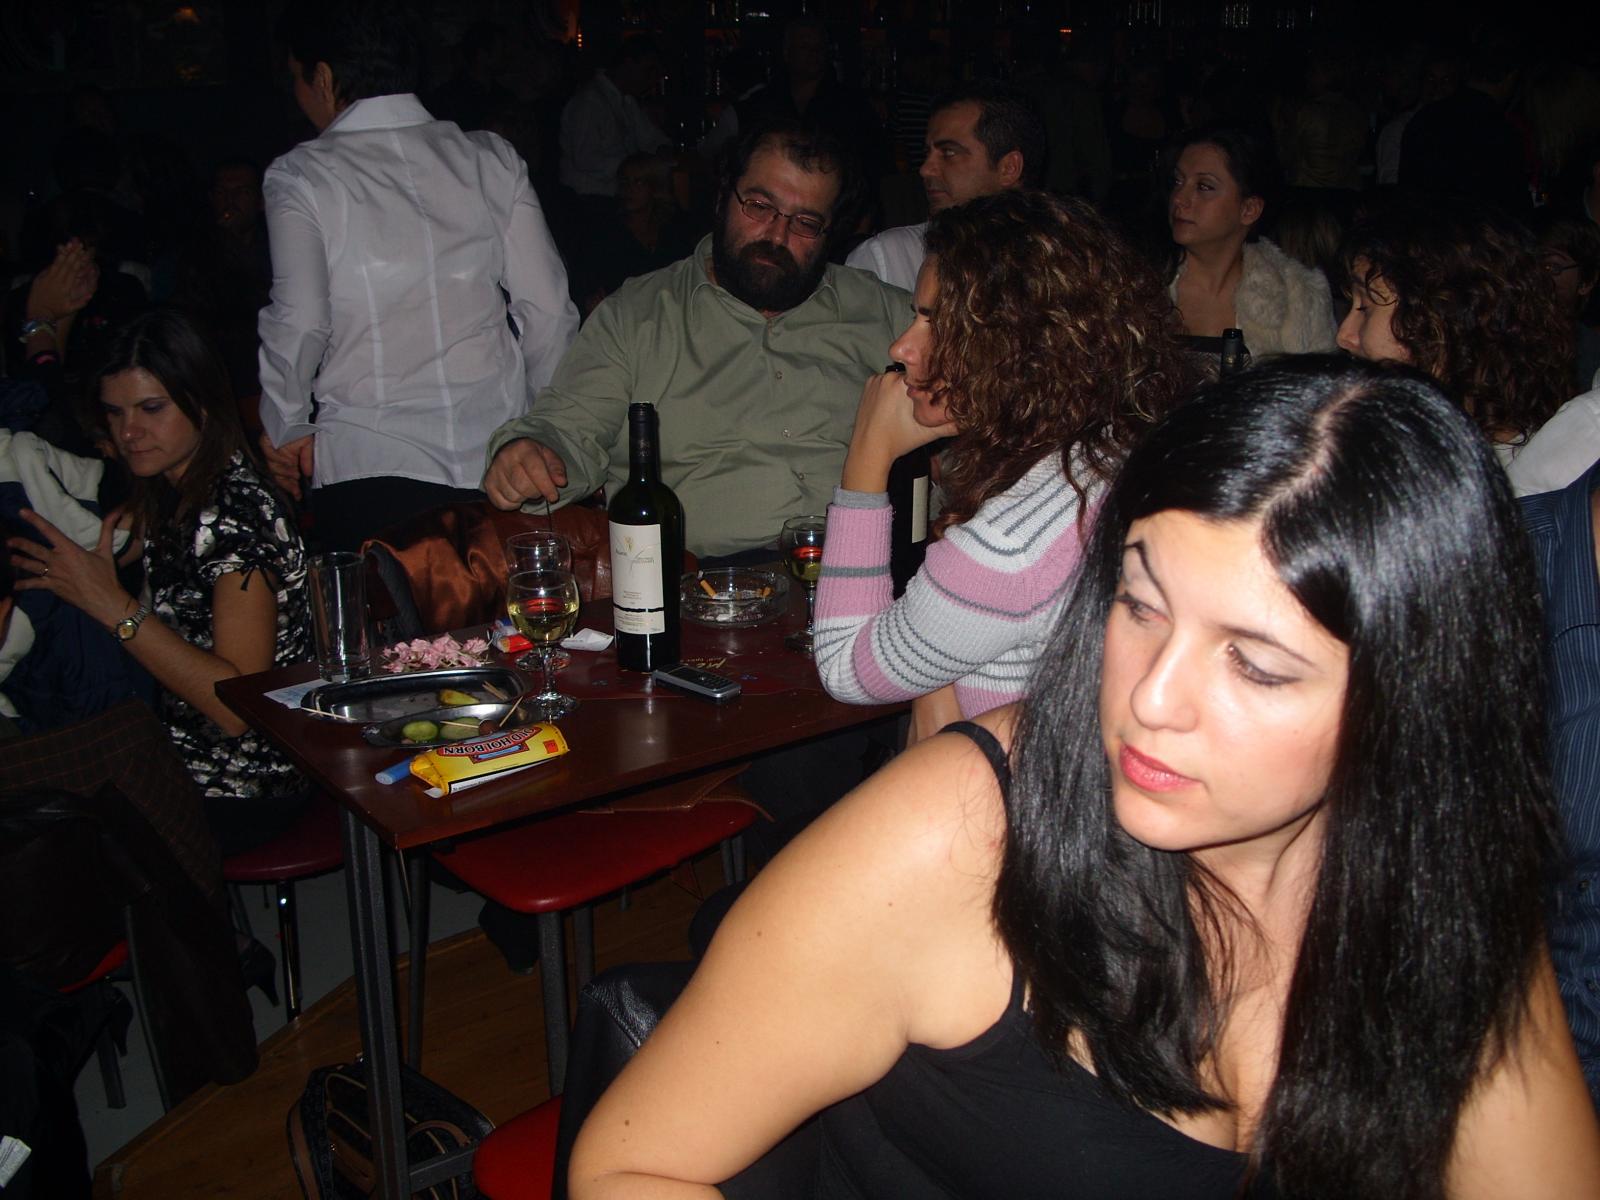 ΒΟΛΟΣ  ΝΟΕΜΒΡΙΟΣ  2007 074.jpg